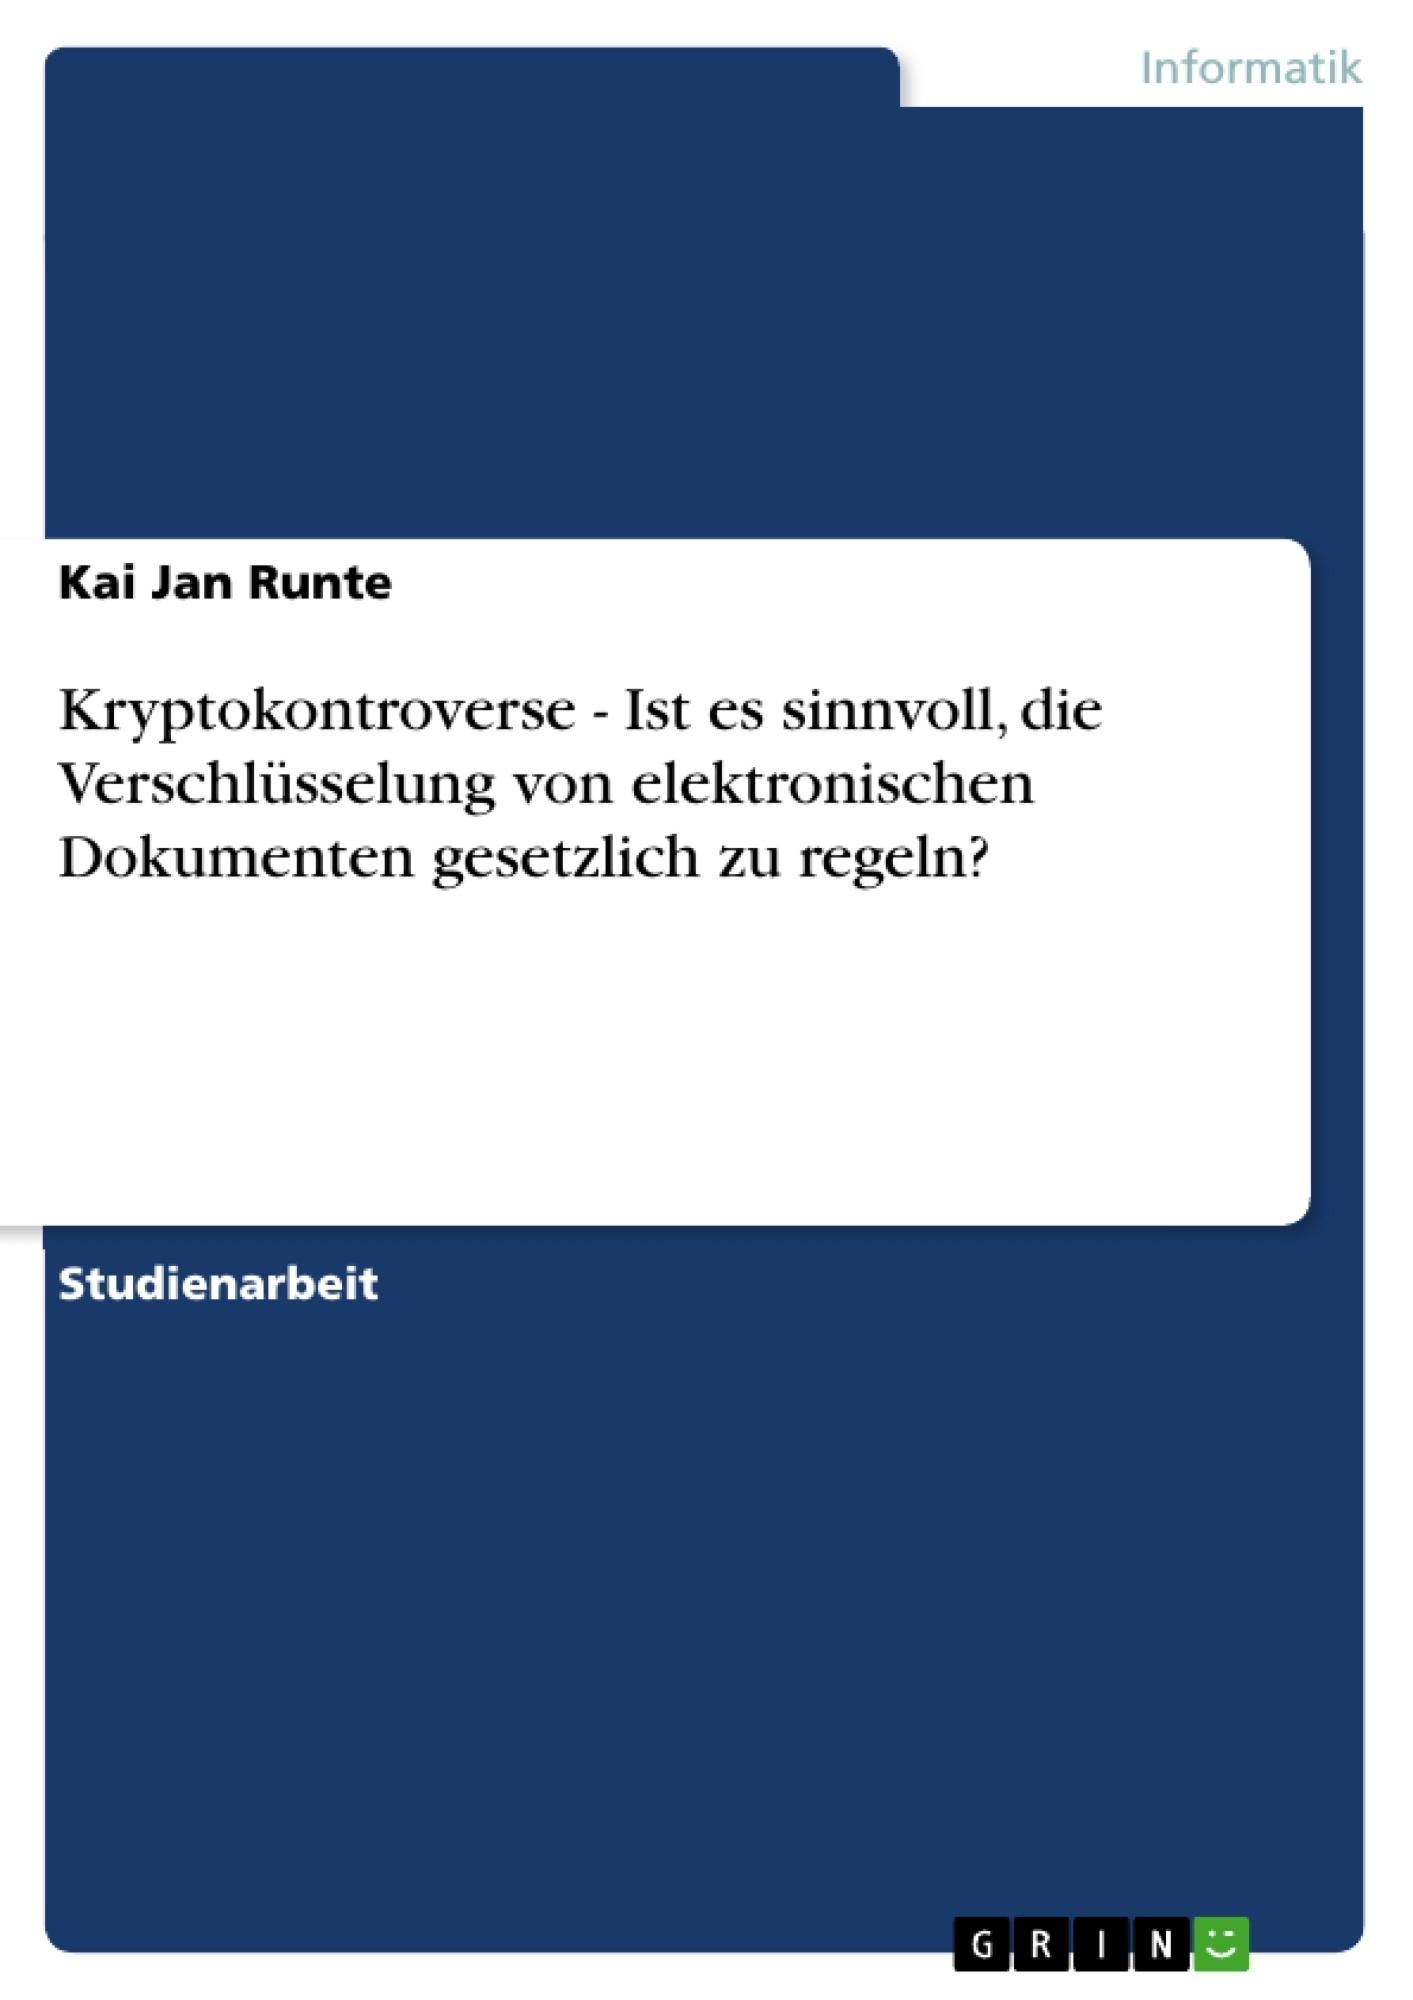 Titel: Kryptokontroverse - Ist es sinnvoll, die Verschlüsselung von elektronischen Dokumenten gesetzlich zu regeln?